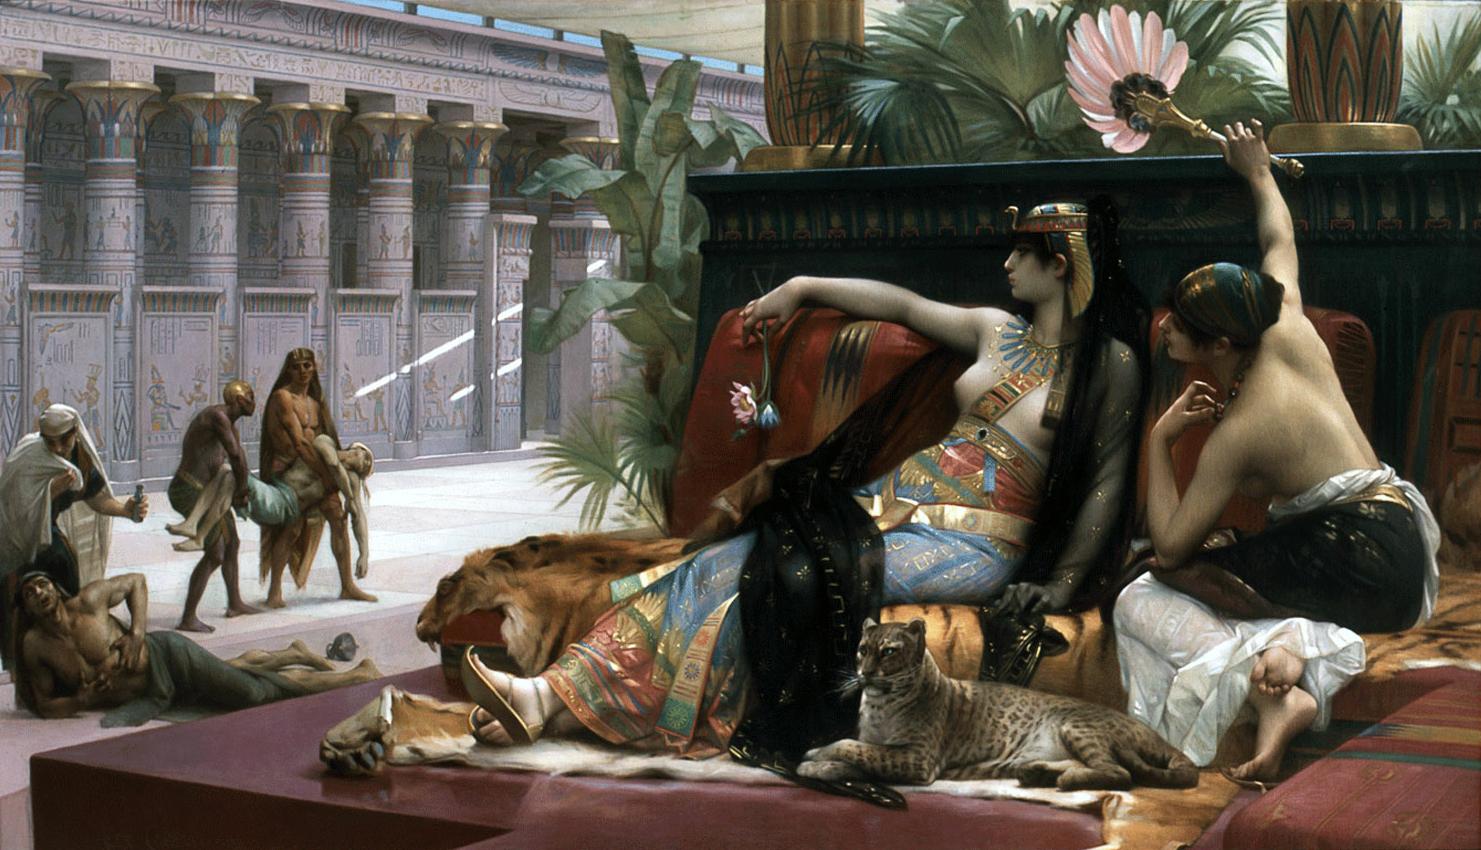 Peinture de Cleopatre et Cesar belles histoires d'amour